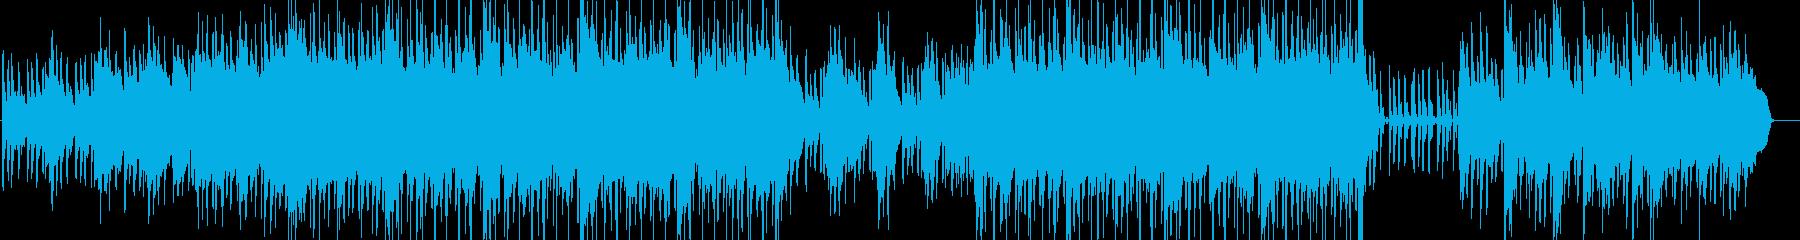 インディーロック 劇的な 淡々 ア...の再生済みの波形